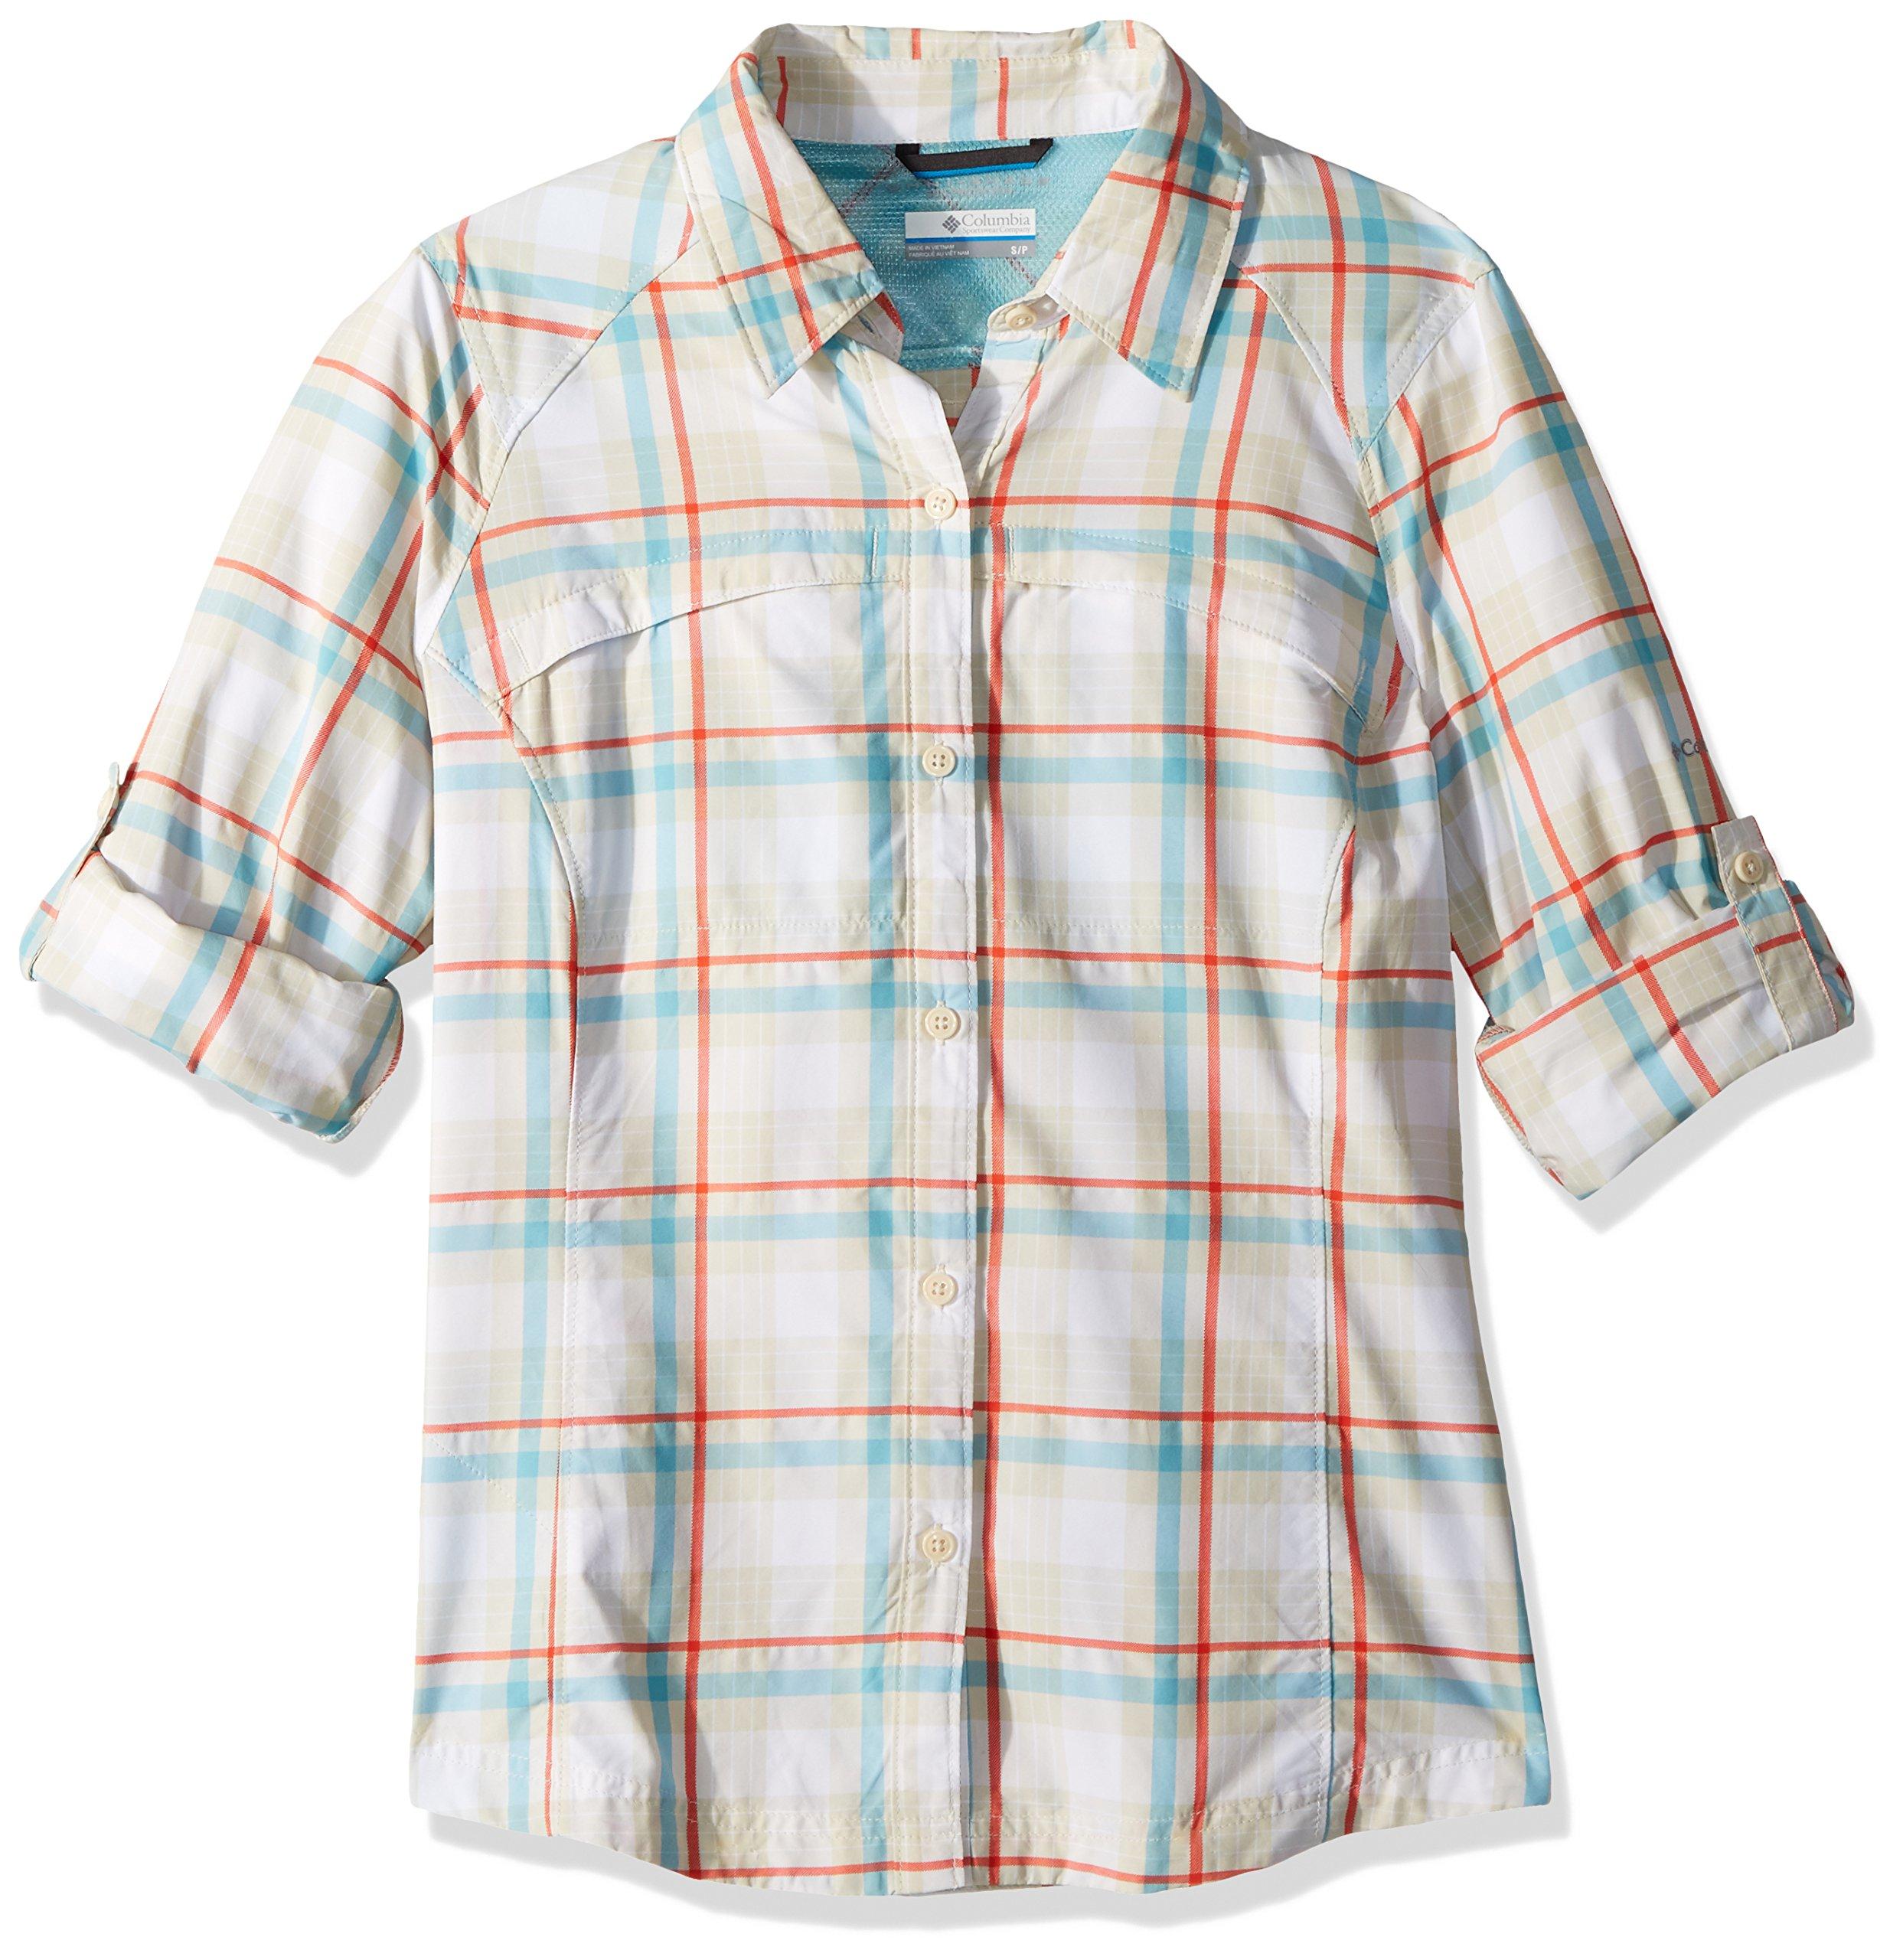 Columbia Silver Ridge Plaid Long Sleeve Shirt, Stone Plaid, Medium by Columbia